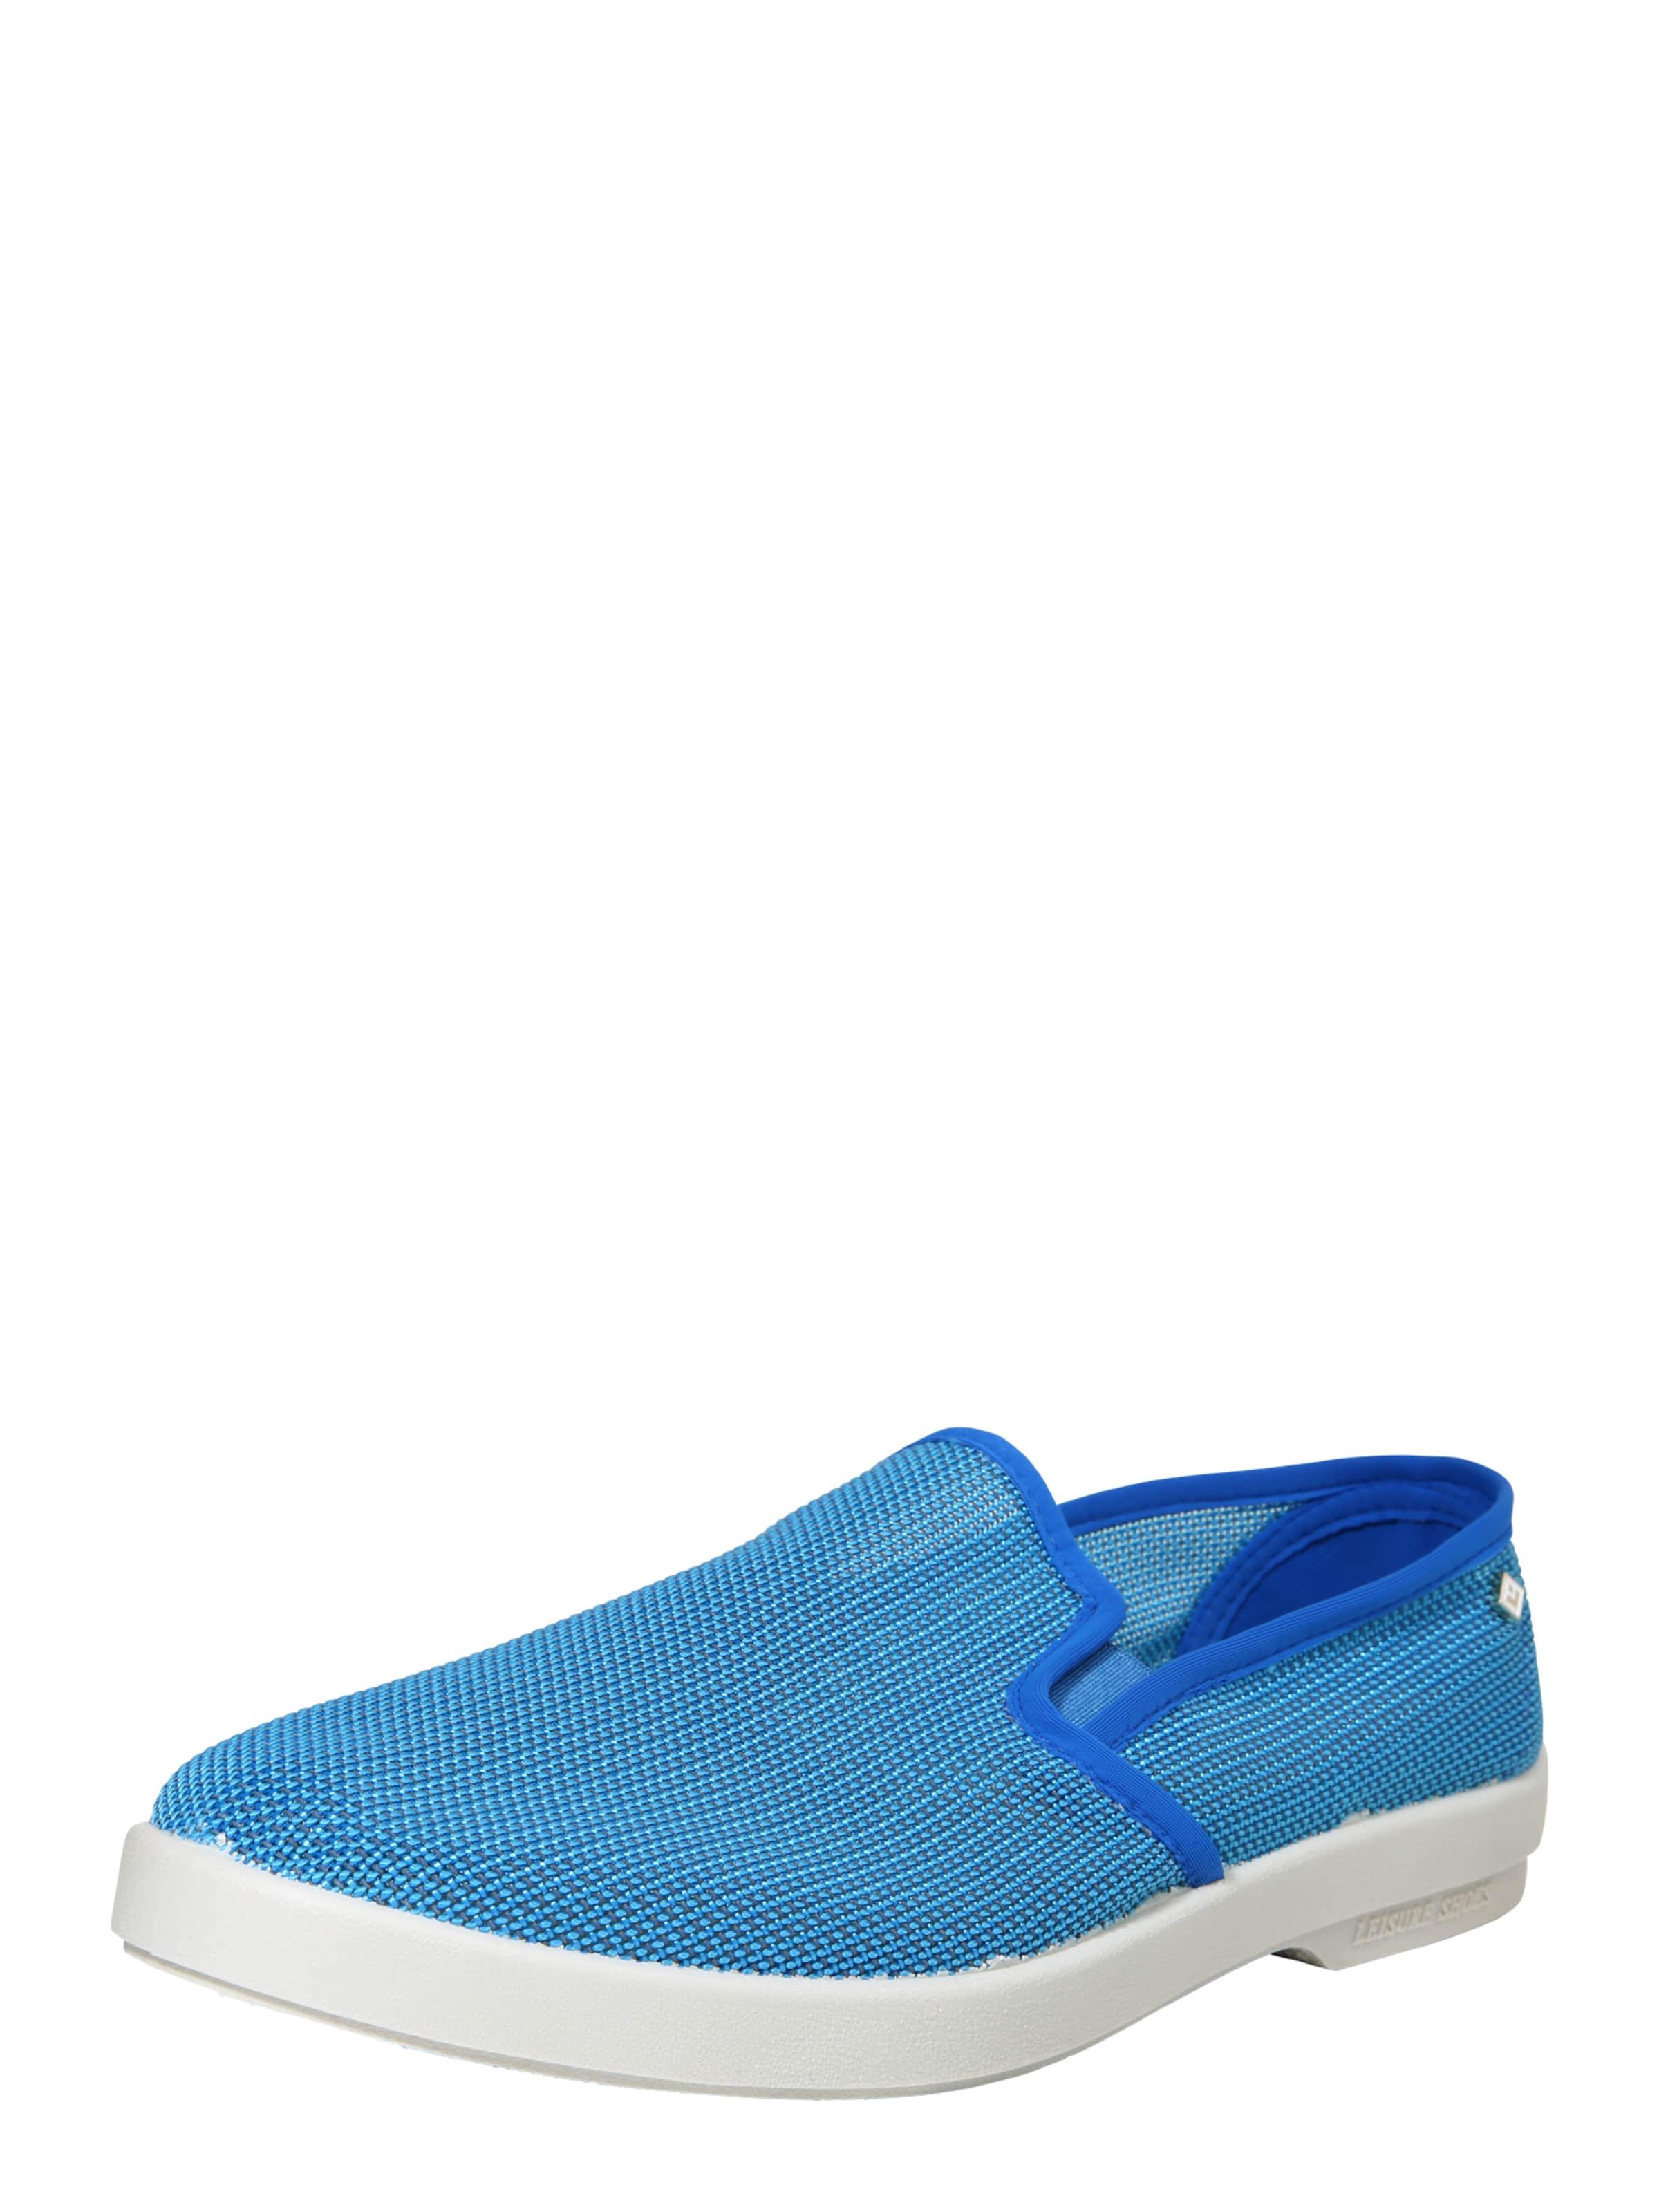 Haltbare Mode billige Schuhe Rivieras | Slipper Gut 'RIVRECIF' Schuhe Gut Slipper getragene Schuhe a51343